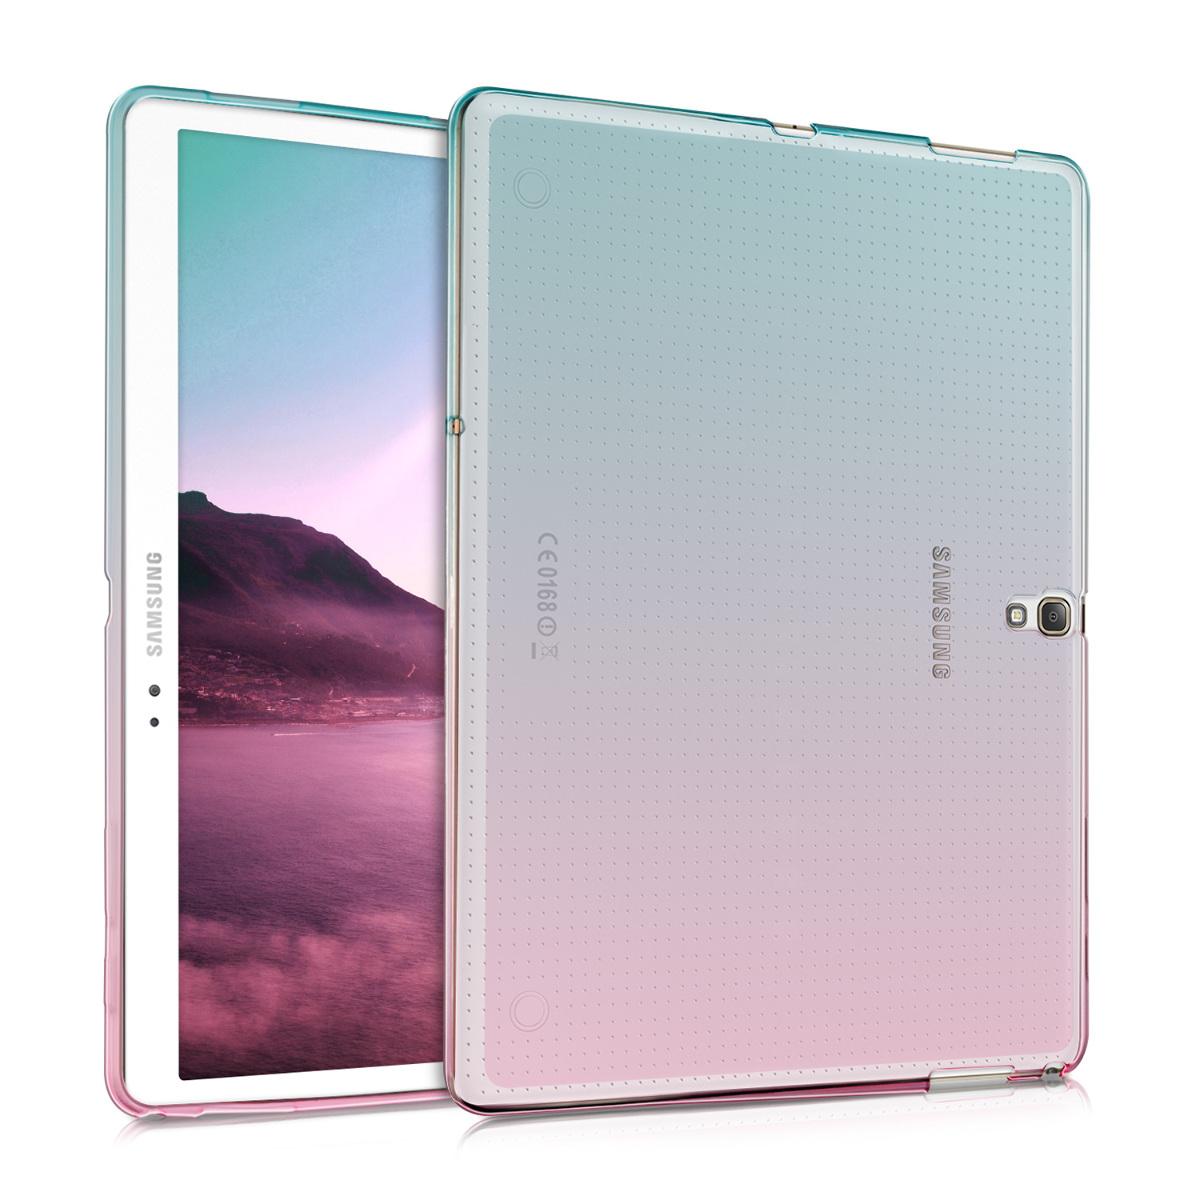 KW Ημιδιάφανη Θήκη Σιλικόνης Samsung Galaxy Tab S 10.5 T800 / T805 - Soft Flexible Shock Absorbent - Dark Pink / Blue / Transparent (38368.01)